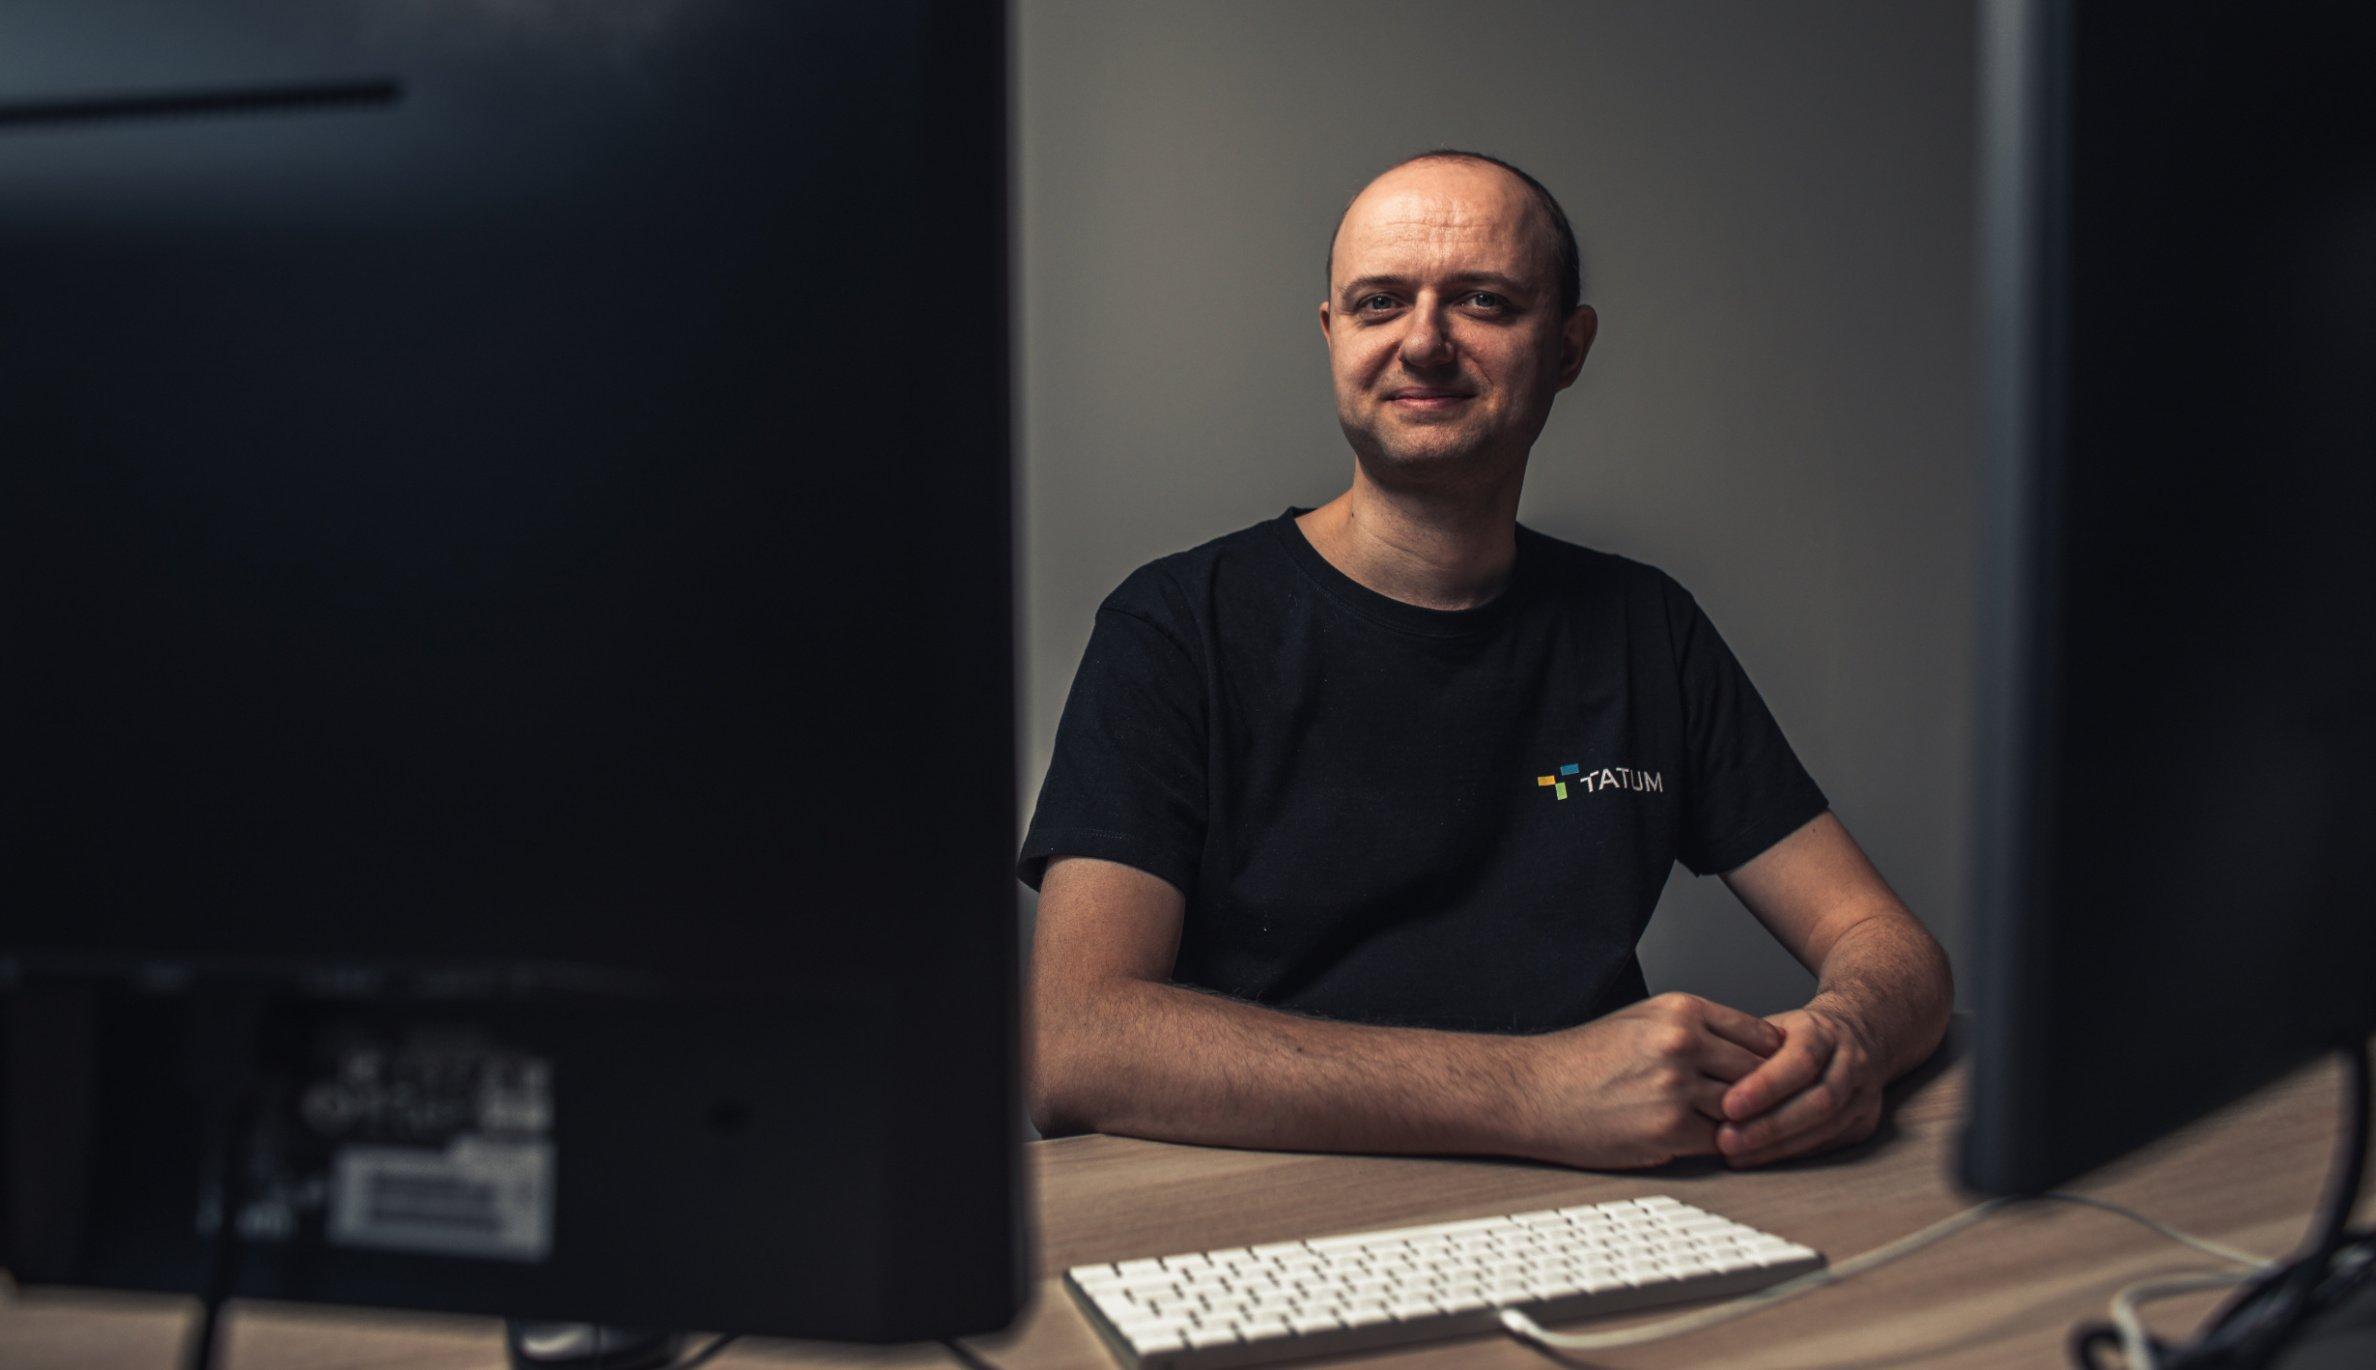 Jiří Kobelka CEO of TATUM, photo by FORBES